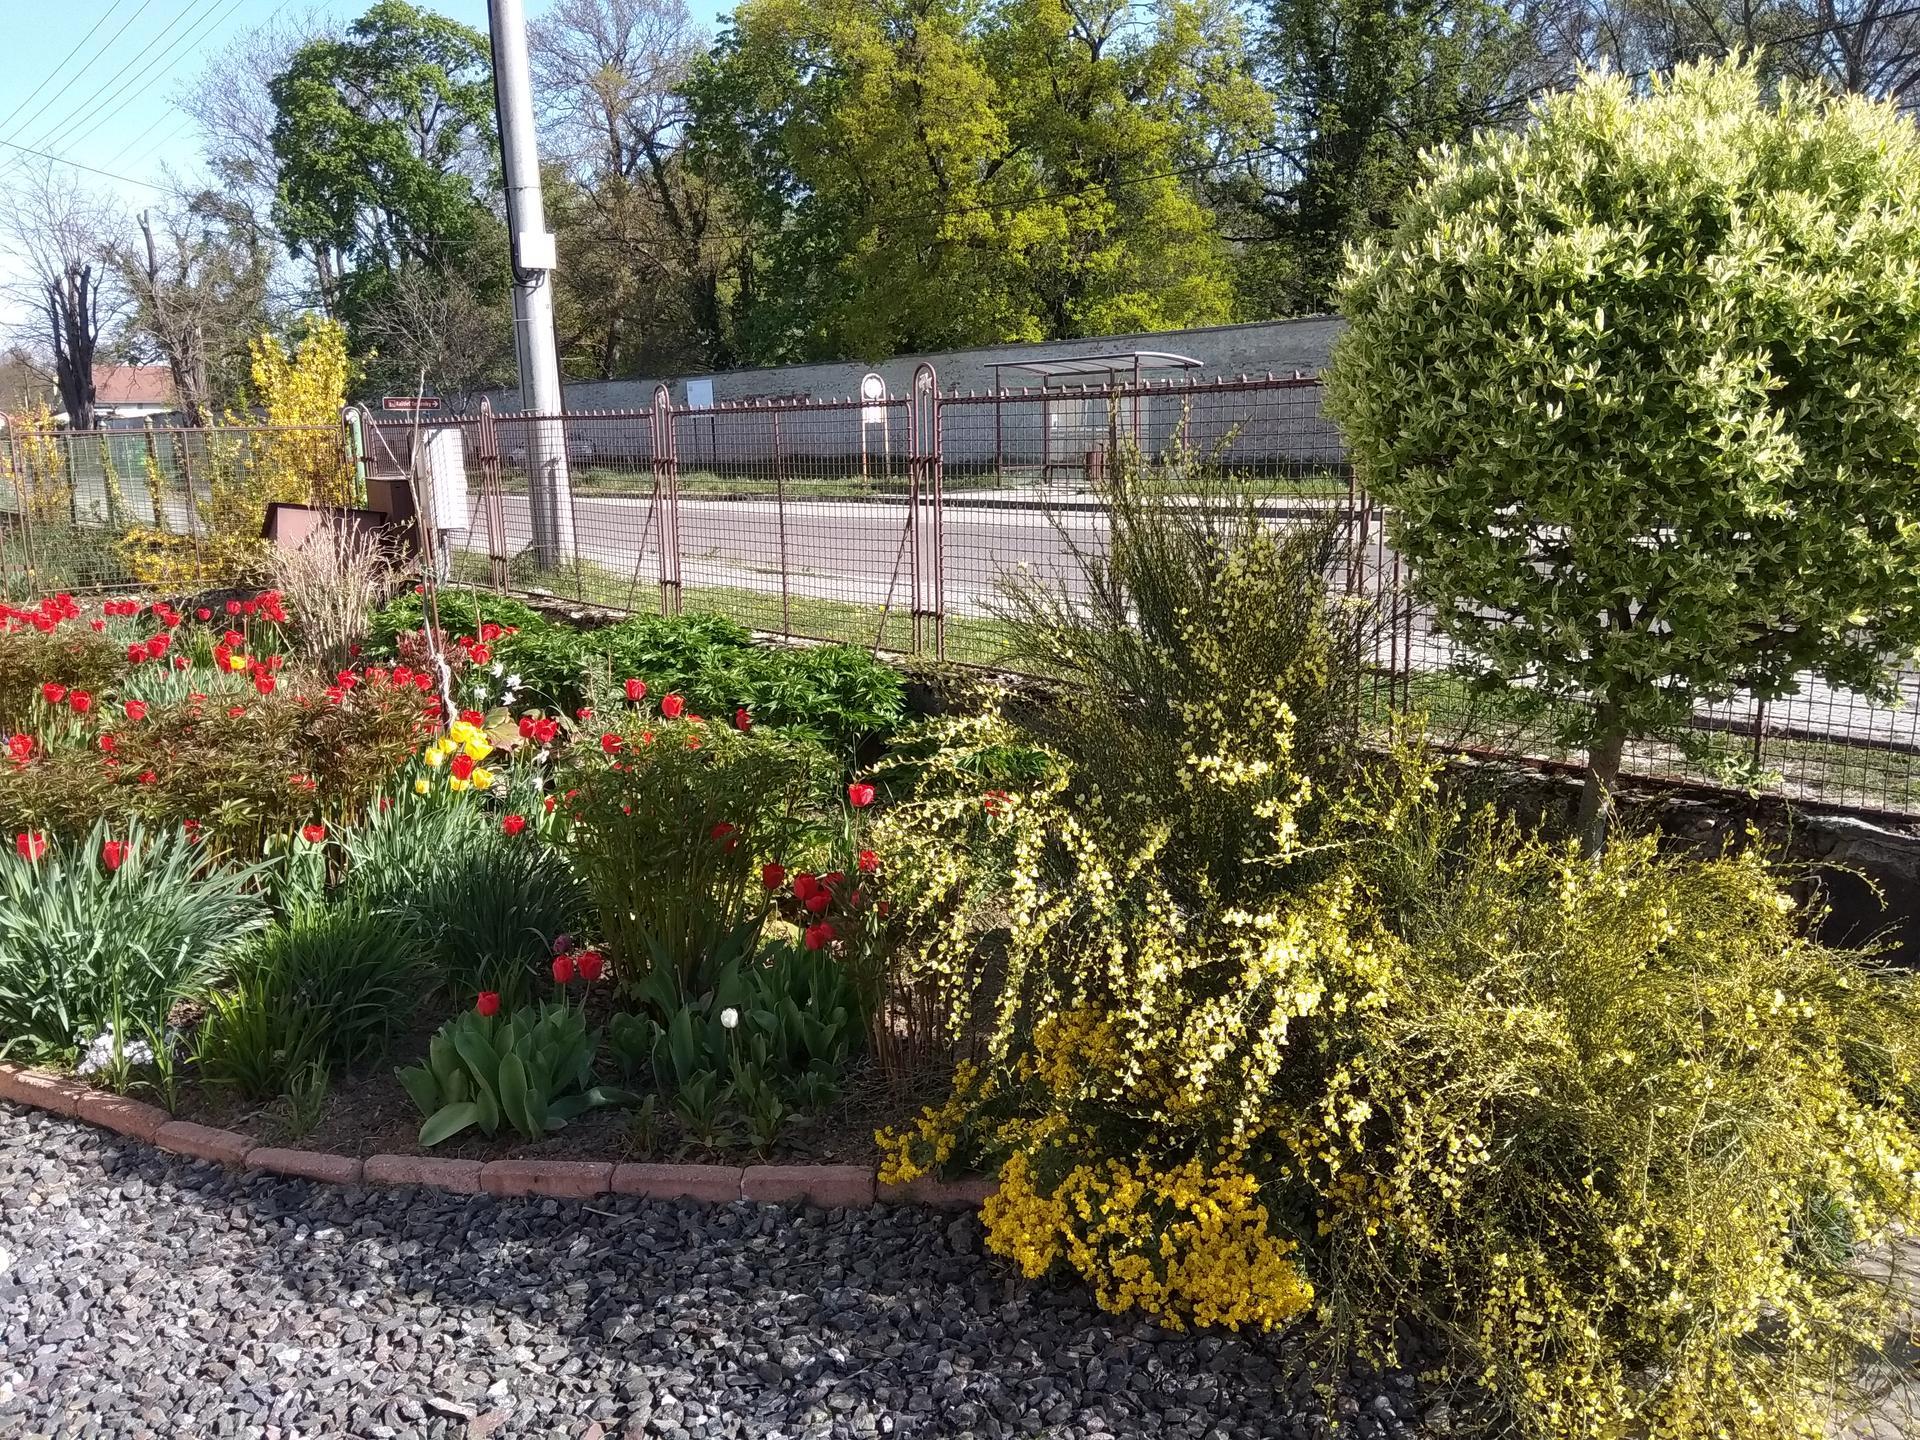 Naša záhrada 2020 v priebehu roka, moja a manželova záľuba... - Obrázok č. 3